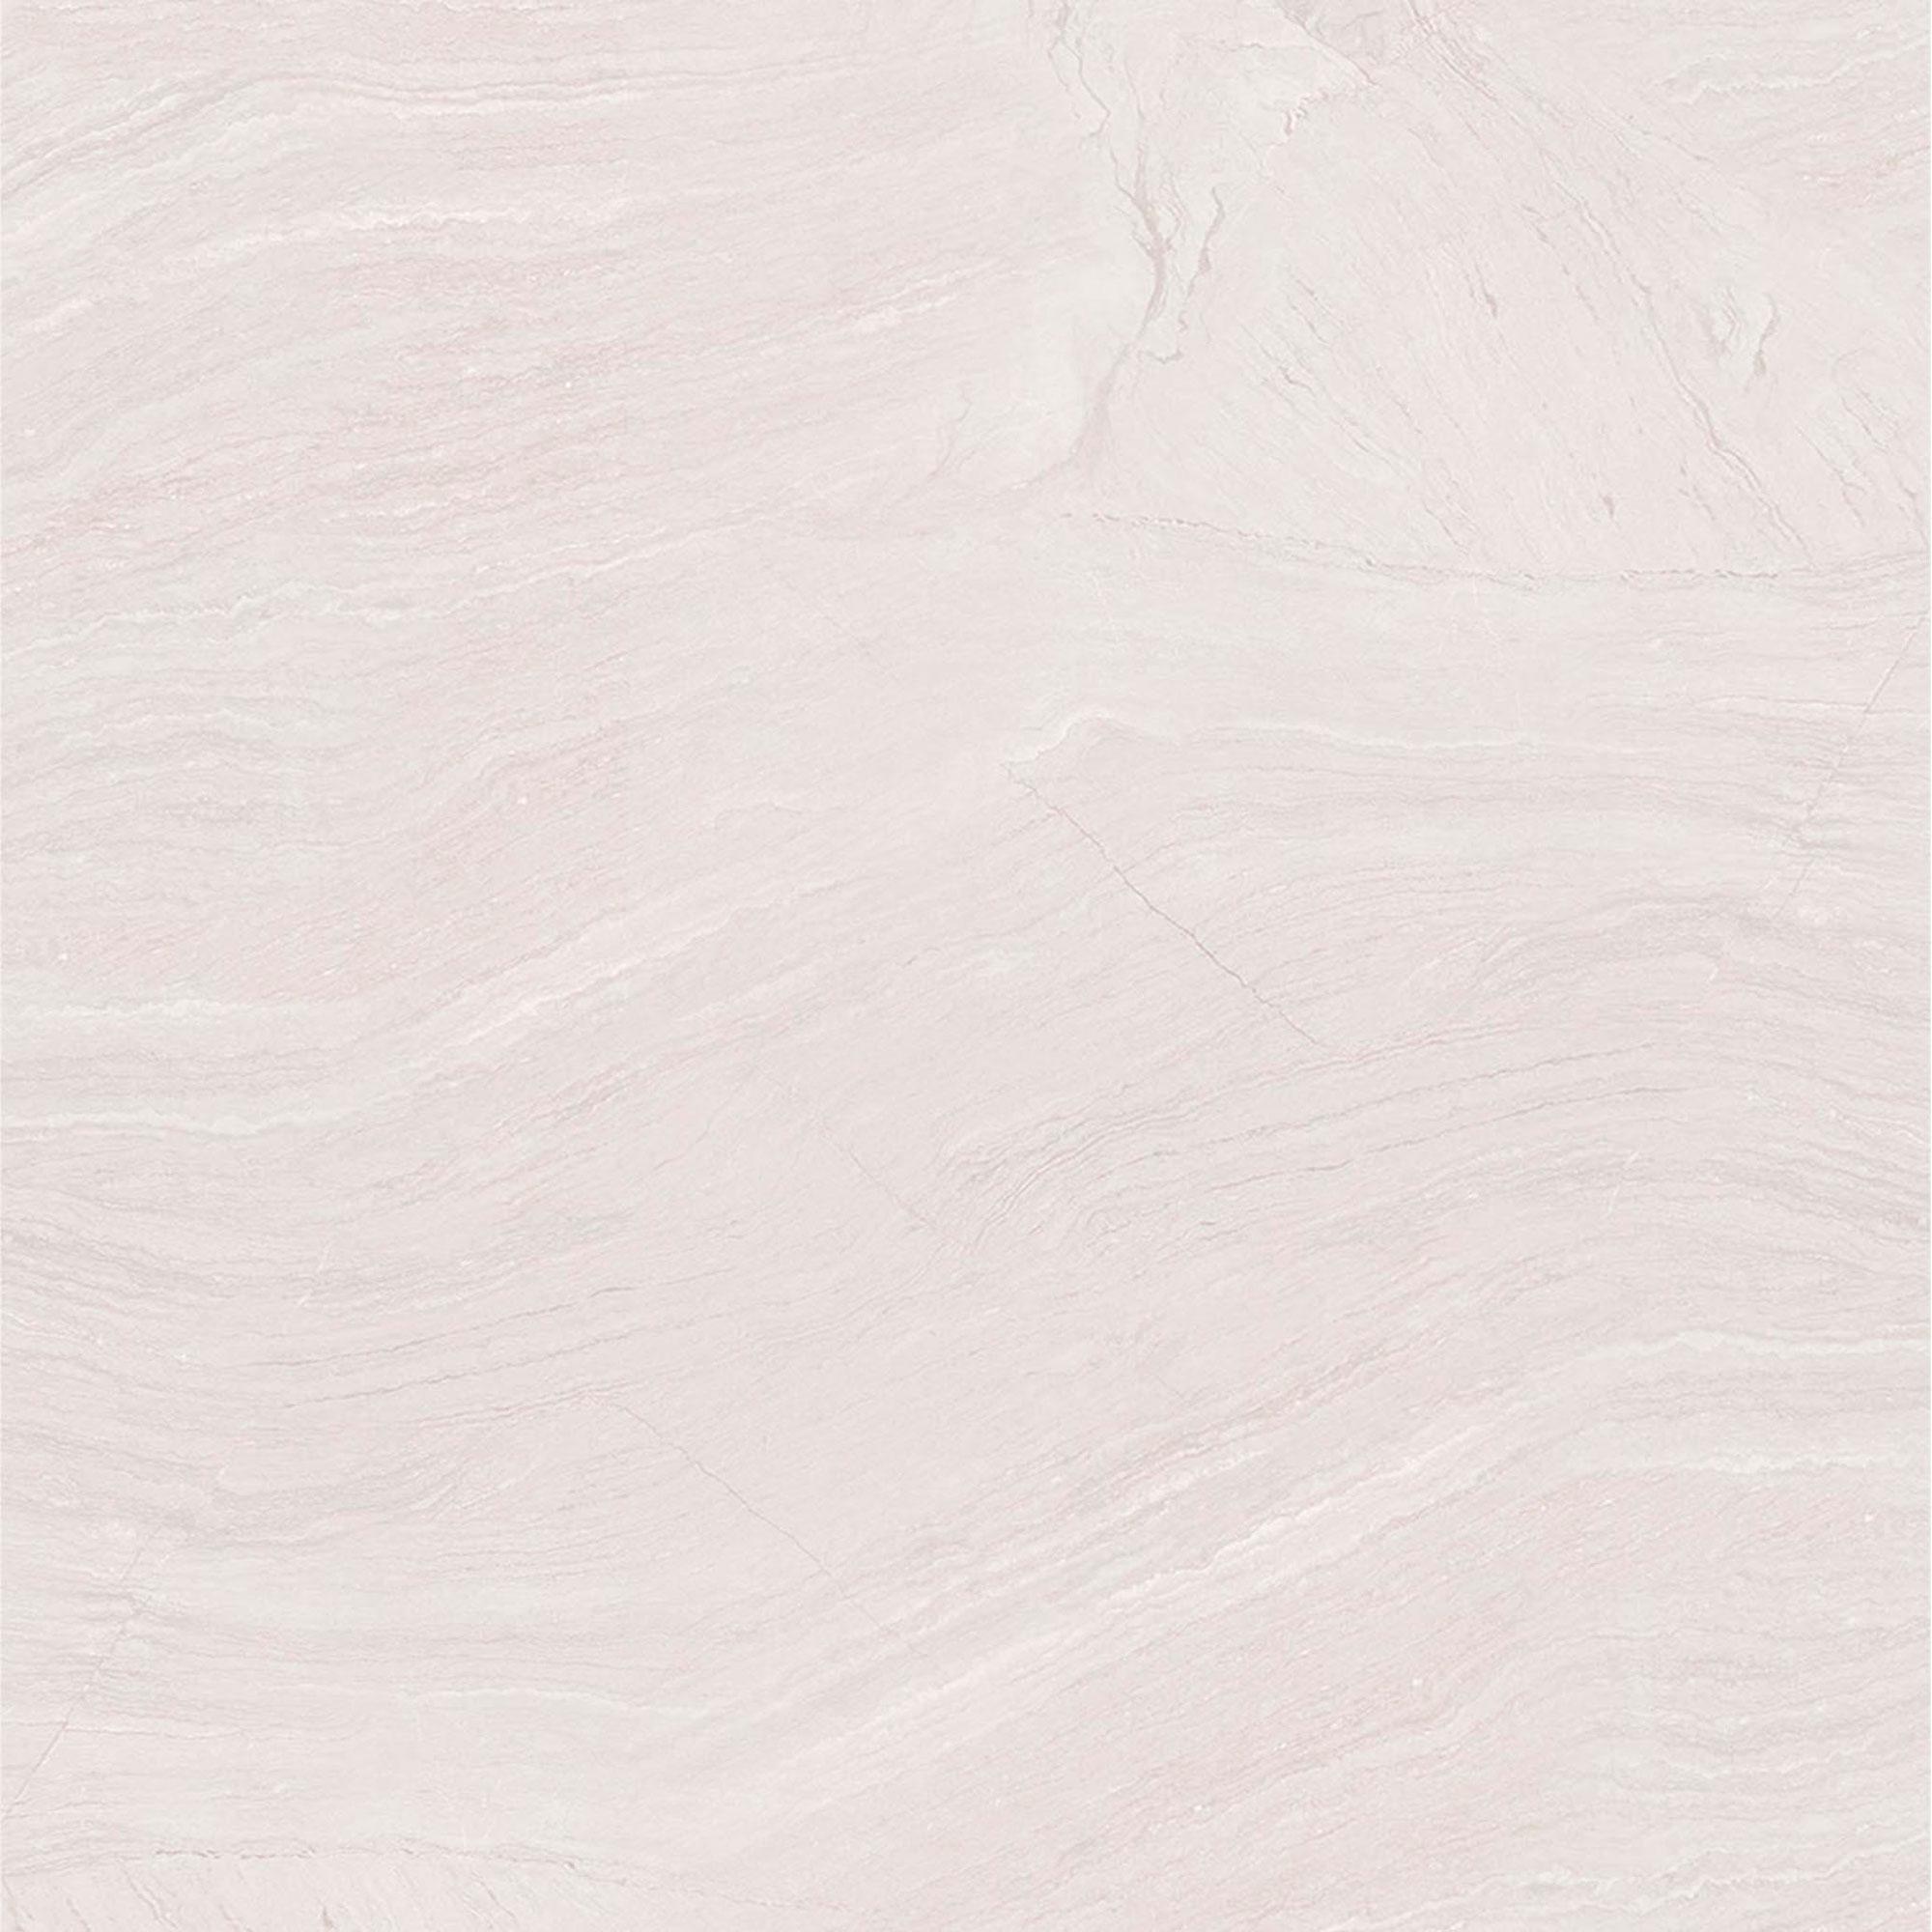 Напольная плитка Ceramika Konskie Imperial Soft Grey 59x59 (1,4) напольная плитка ceramika konskie quarzite bianca rekt lap 60x60 1 44